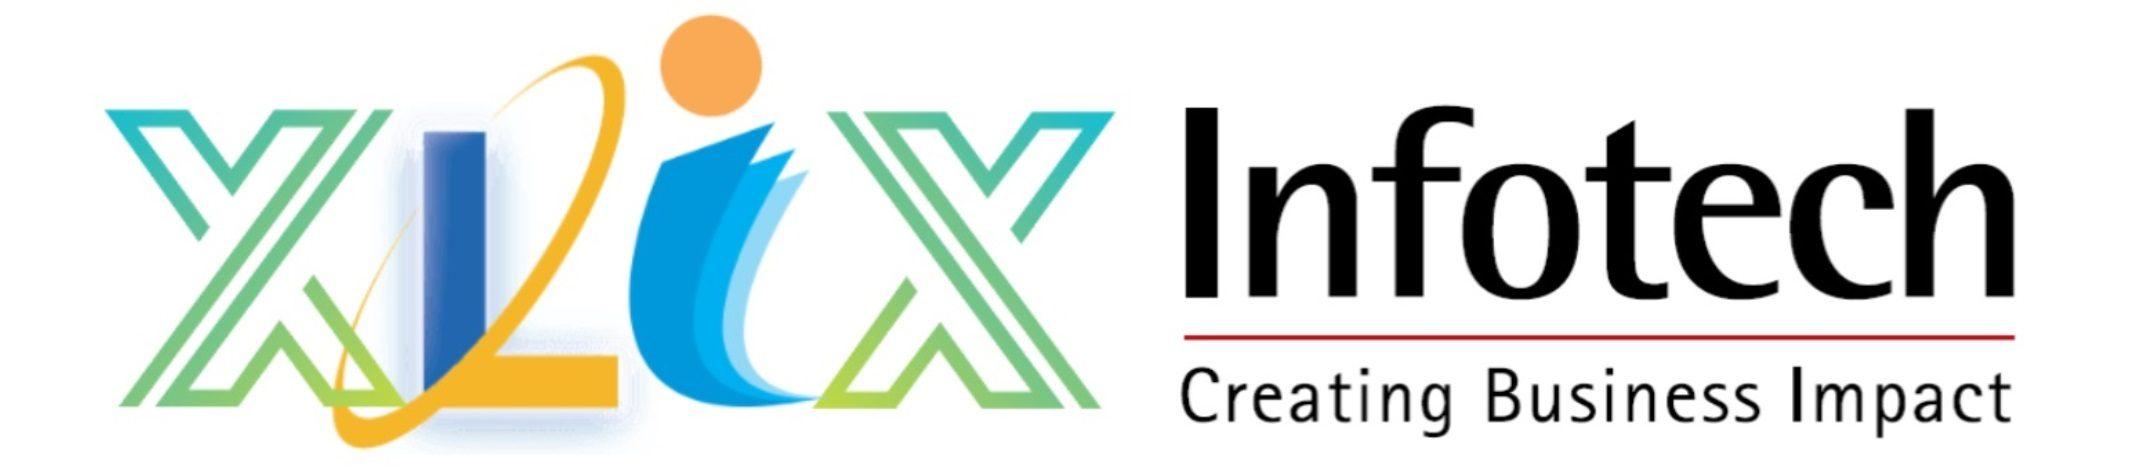 Xlix Infotech